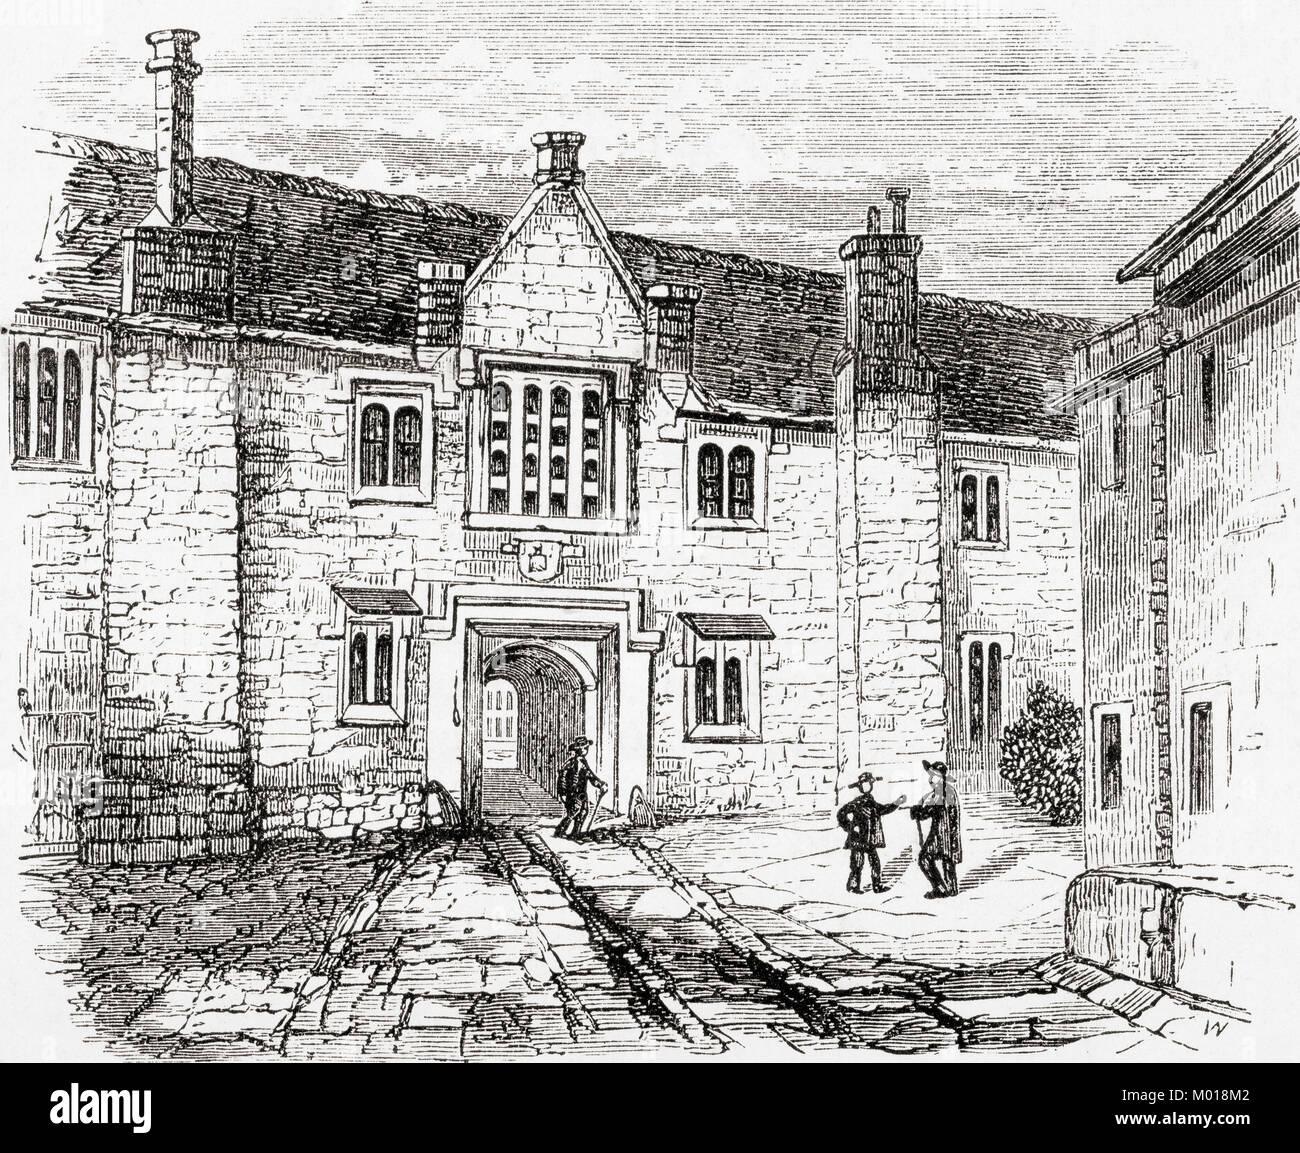 La Certosa di San Giacomo, Charterhouse Square, Smithfield, Inghilterra. Da Ward e bloccare la storia illustrata Immagini Stock